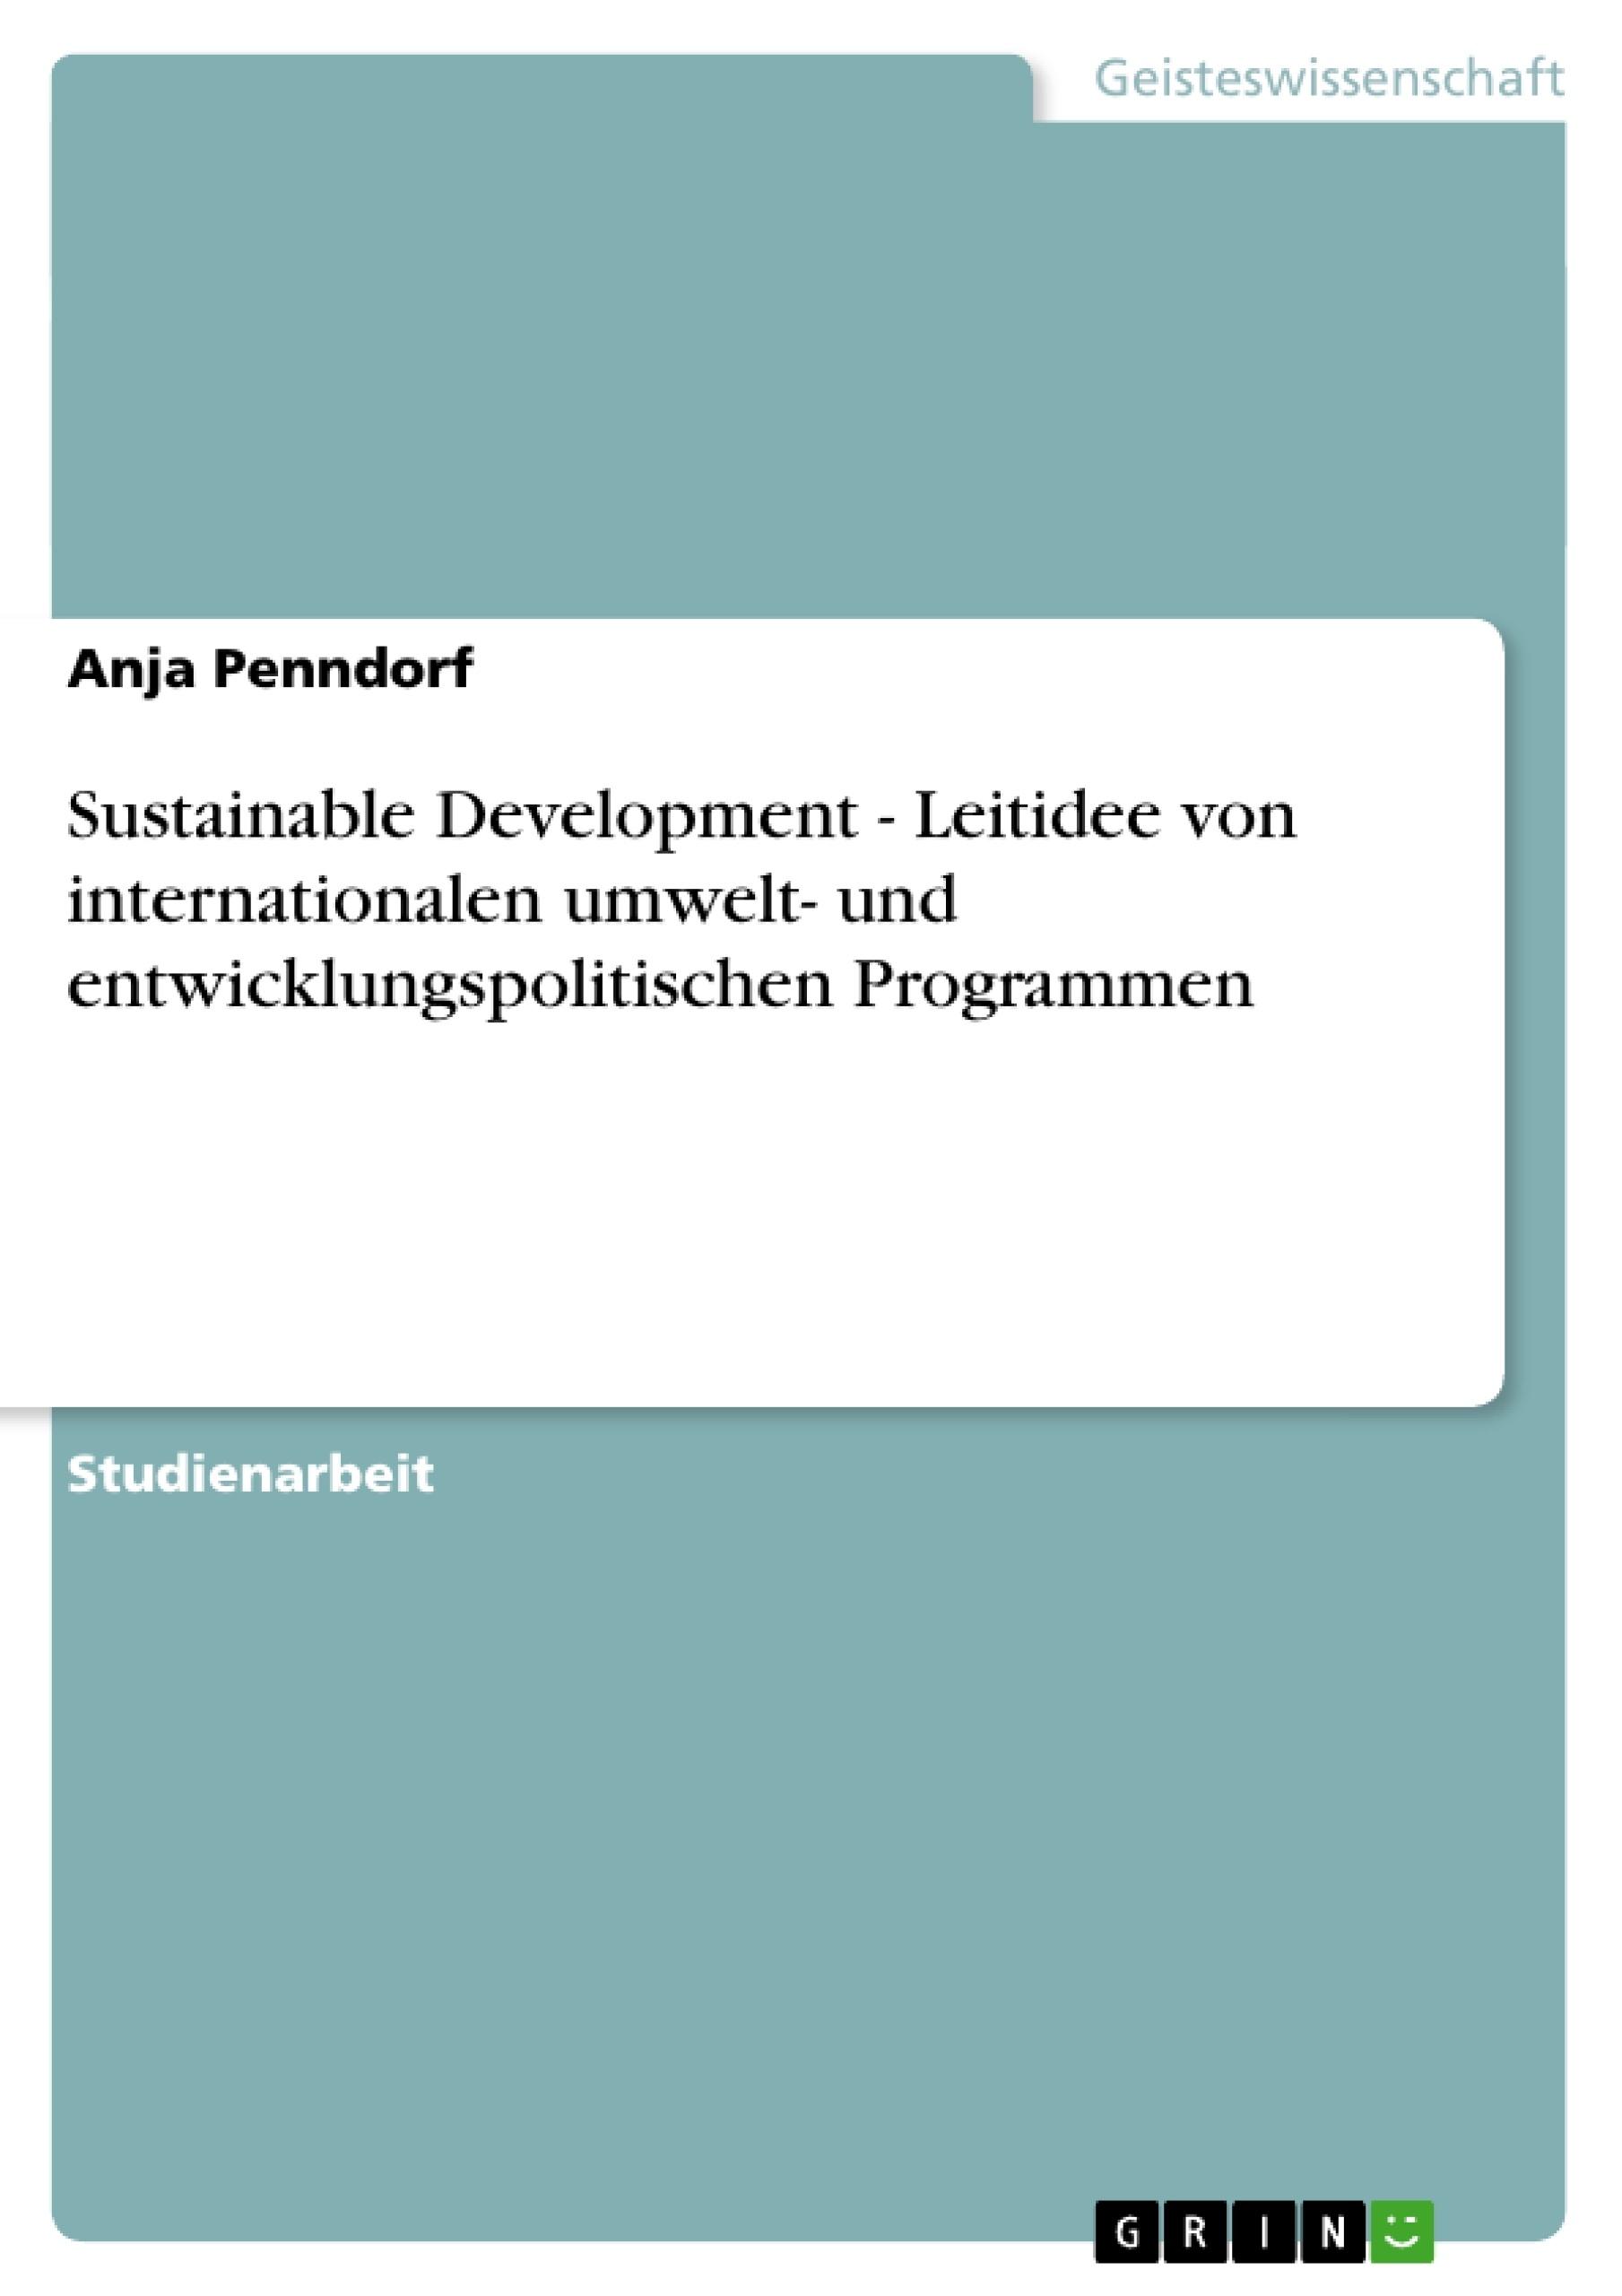 Titel: Sustainable Development - Leitidee von internationalen umwelt- und entwicklungspolitischen Programmen